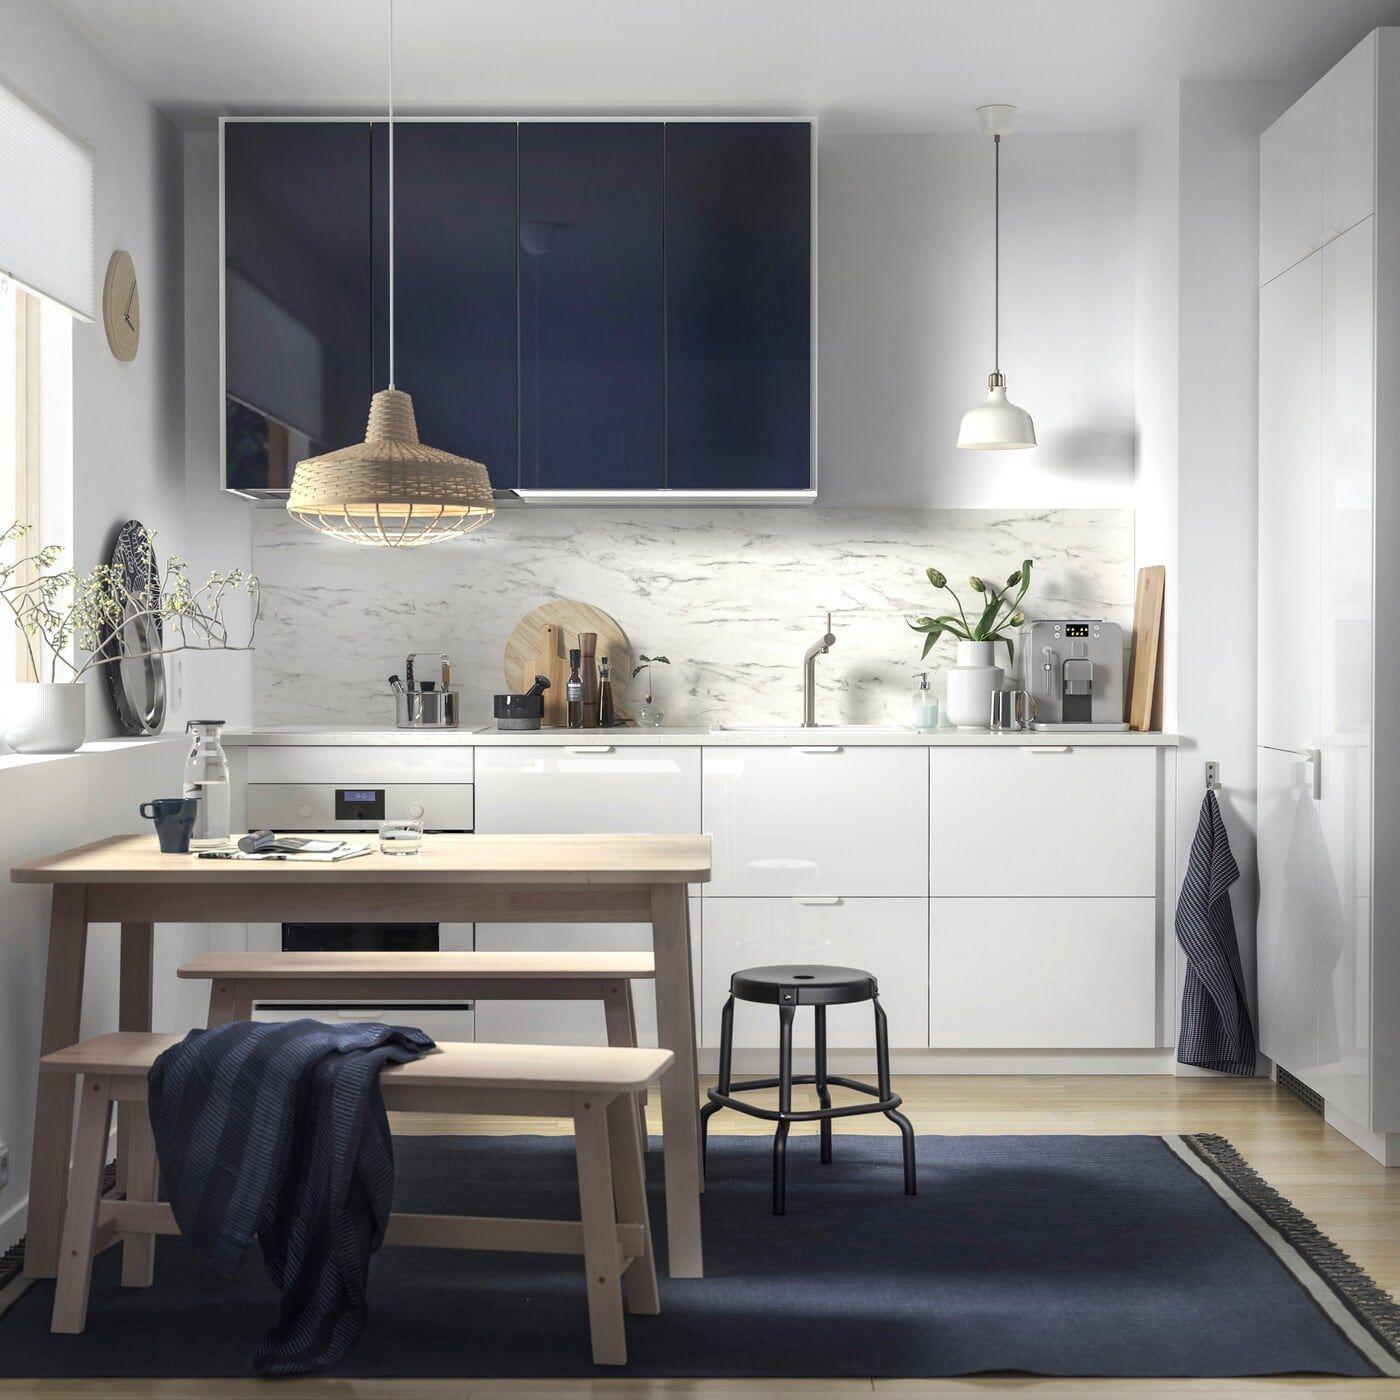 Cocinas minimalistas Ikea